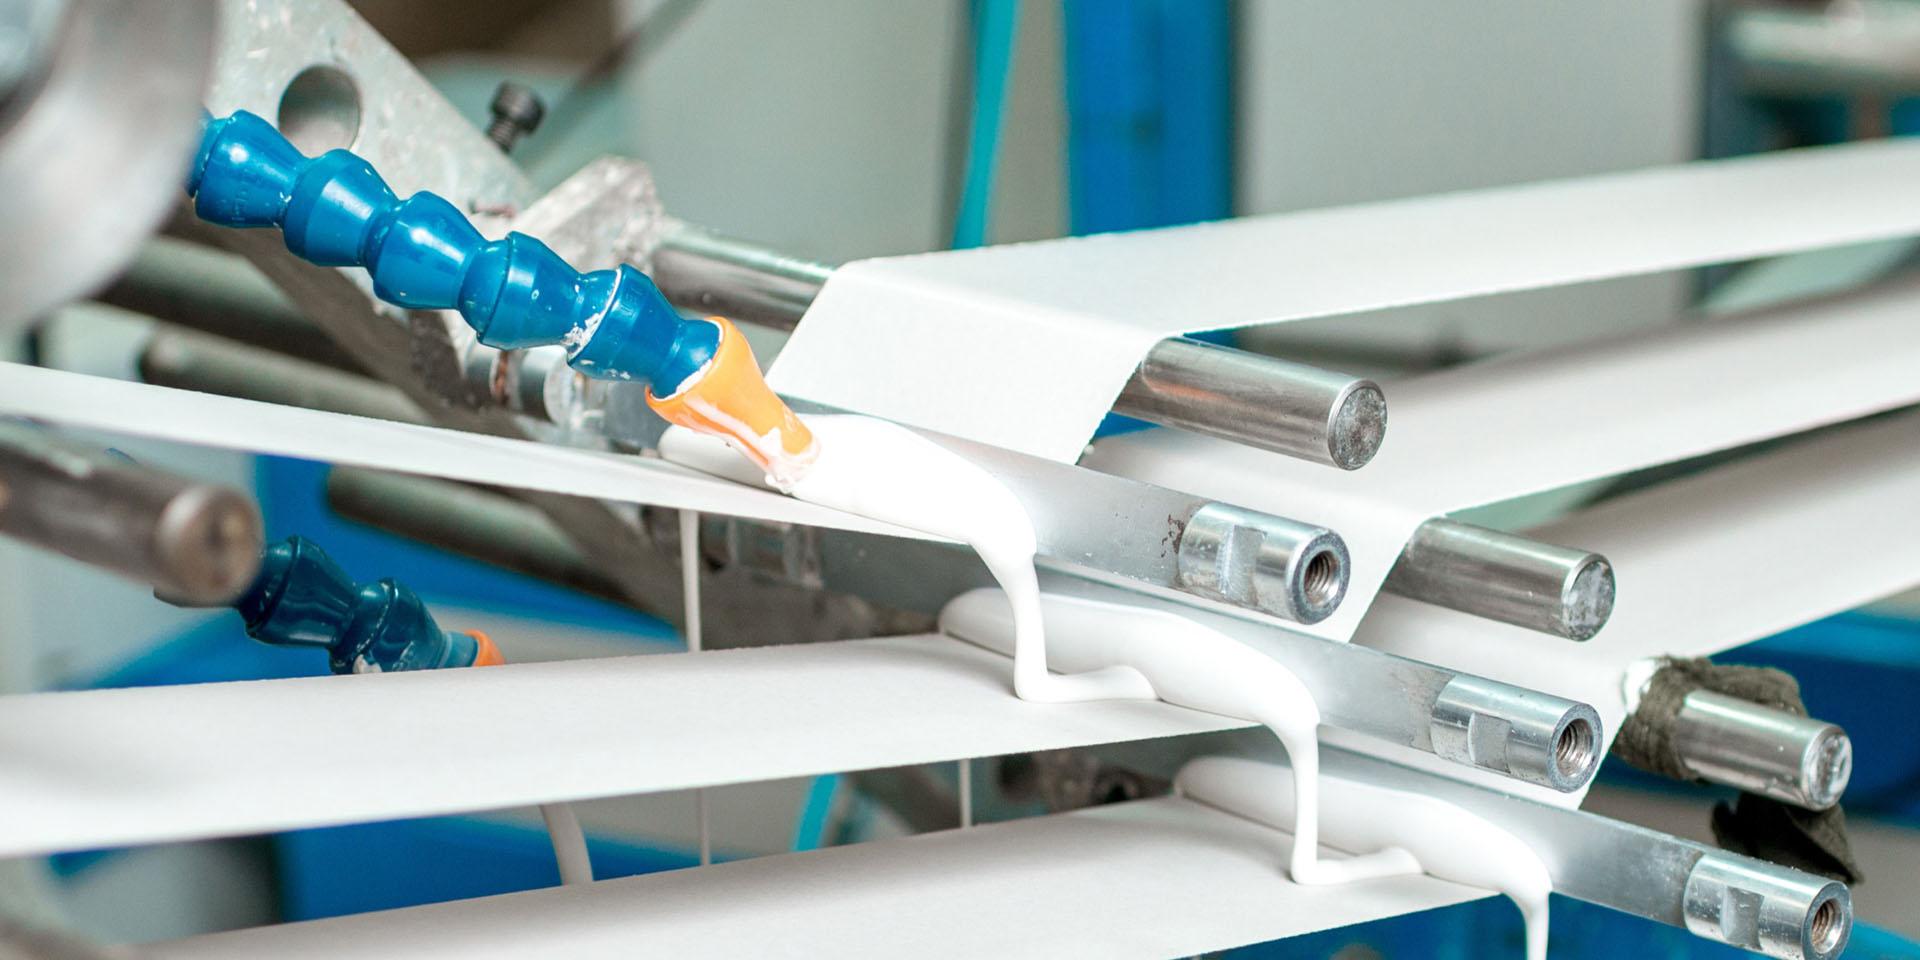 tubes glue